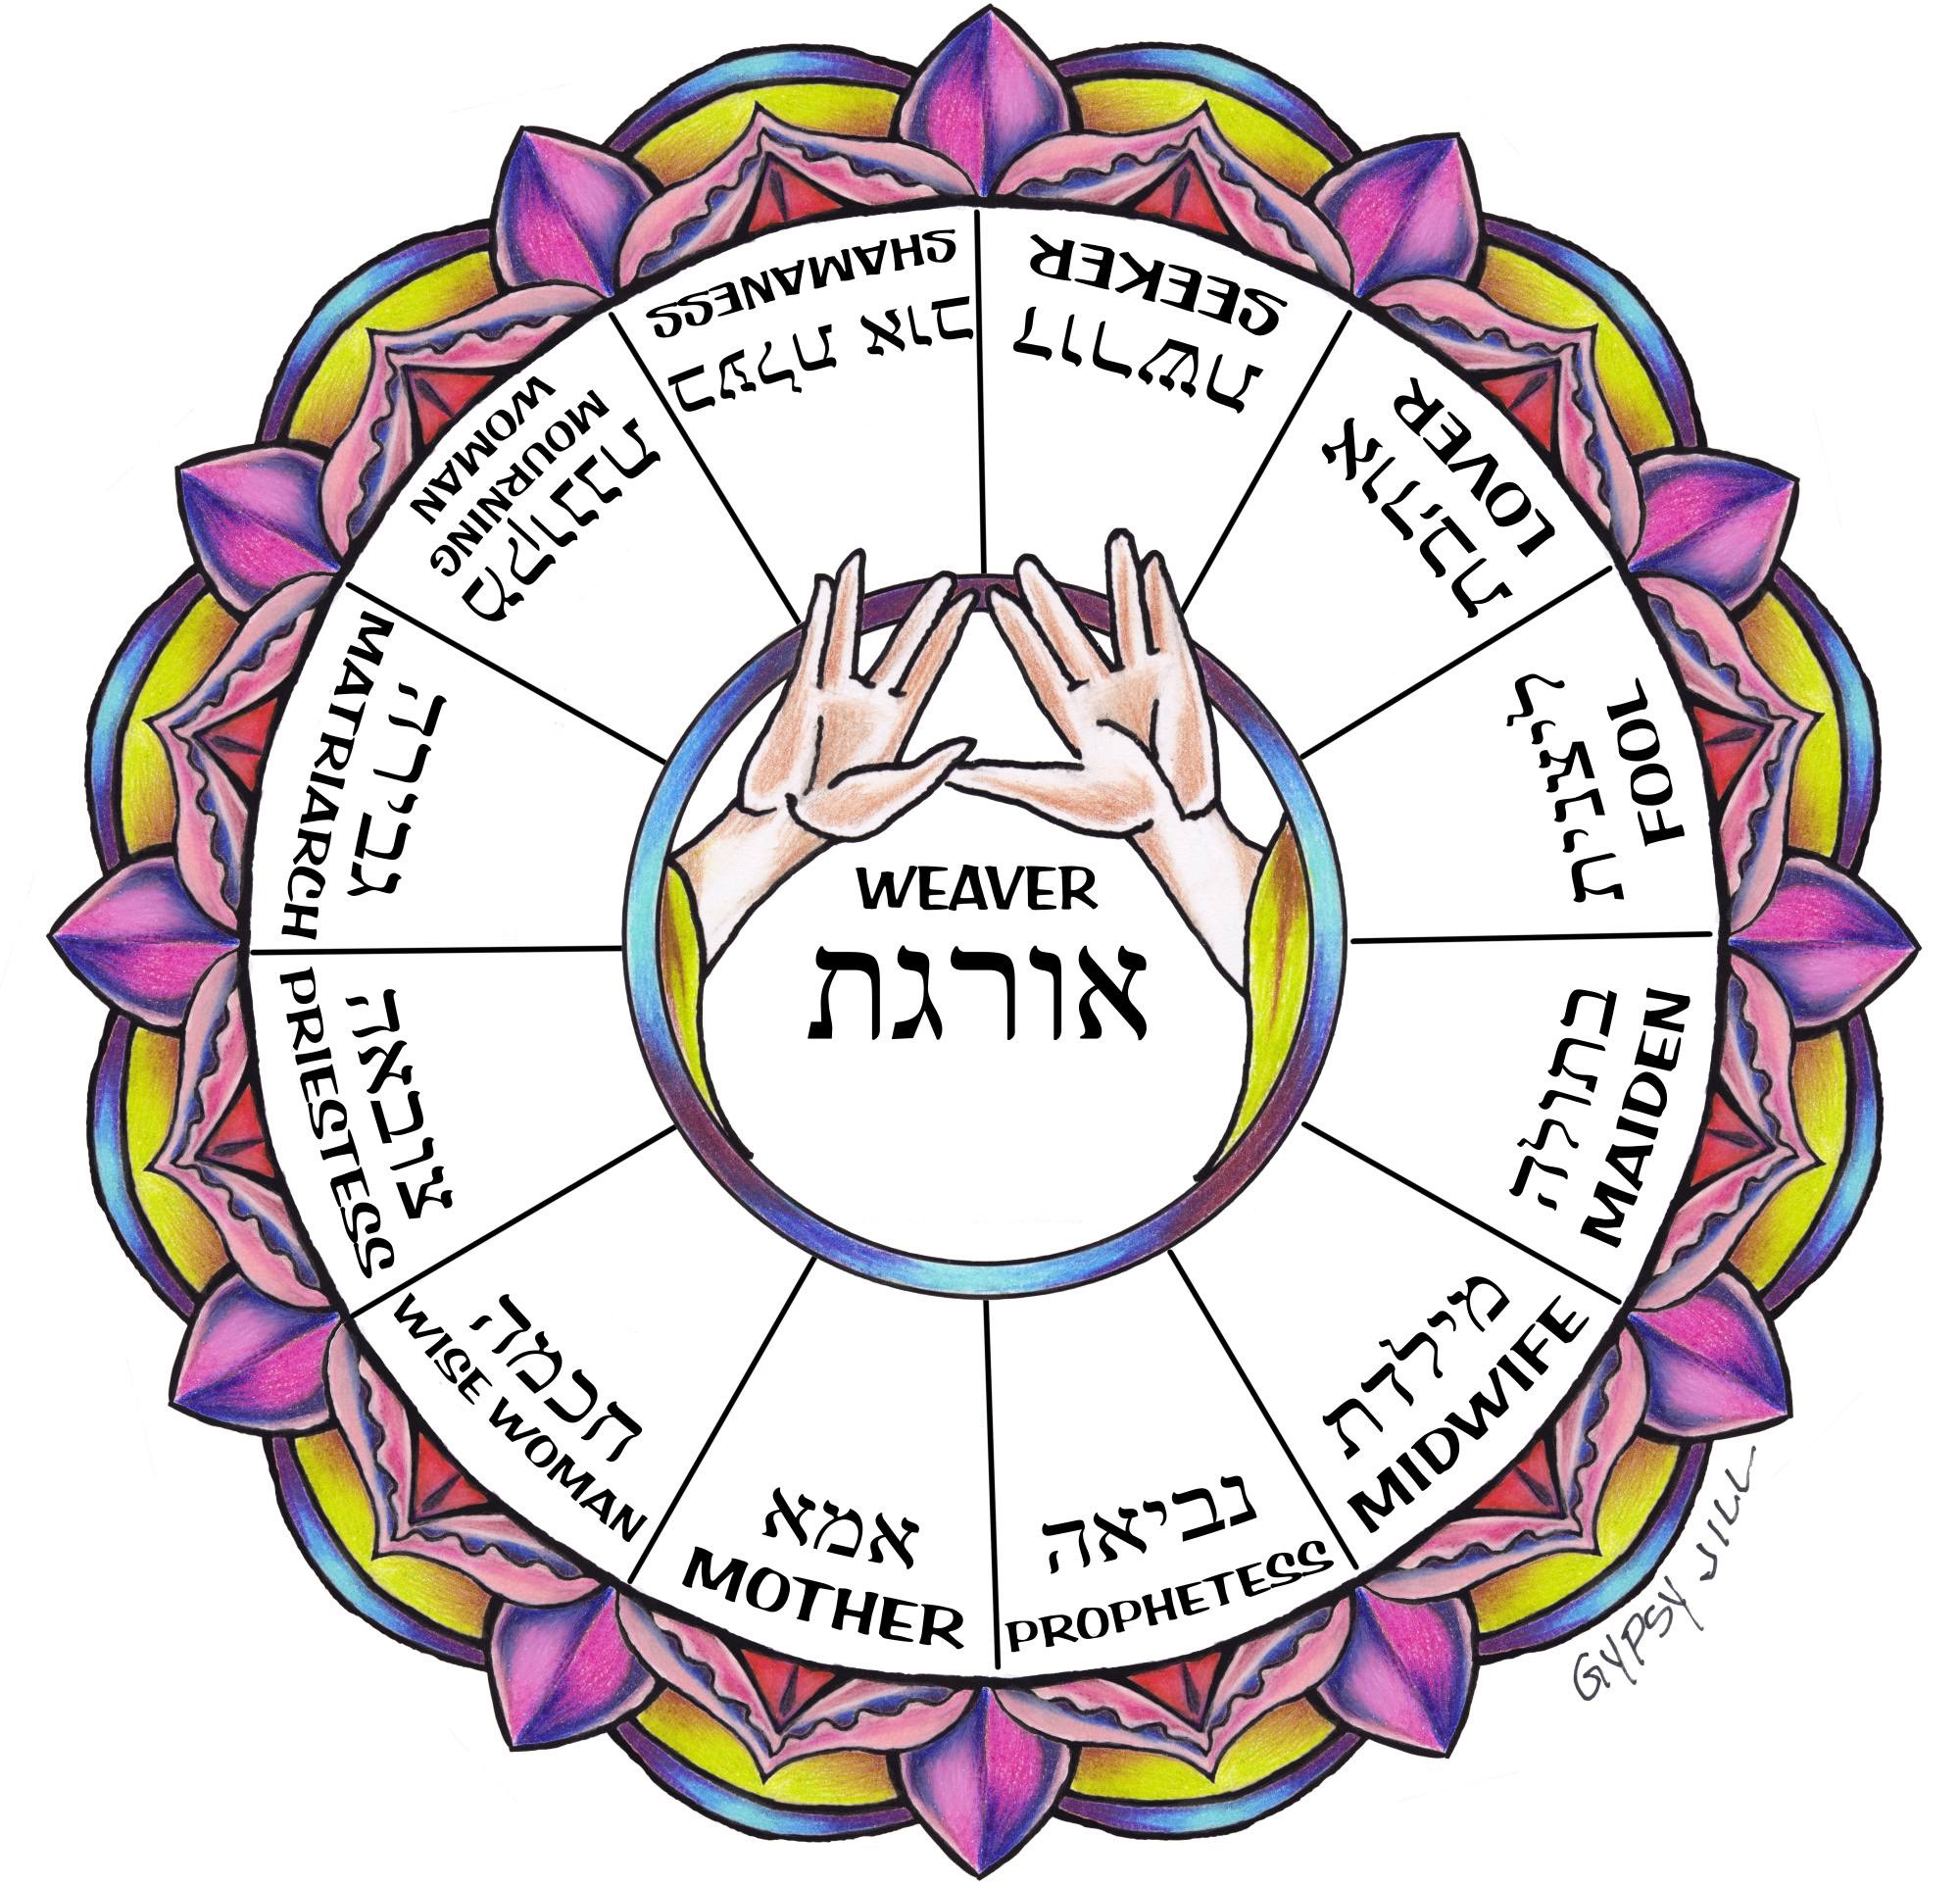 kohenet-netivot-wheel.jpg